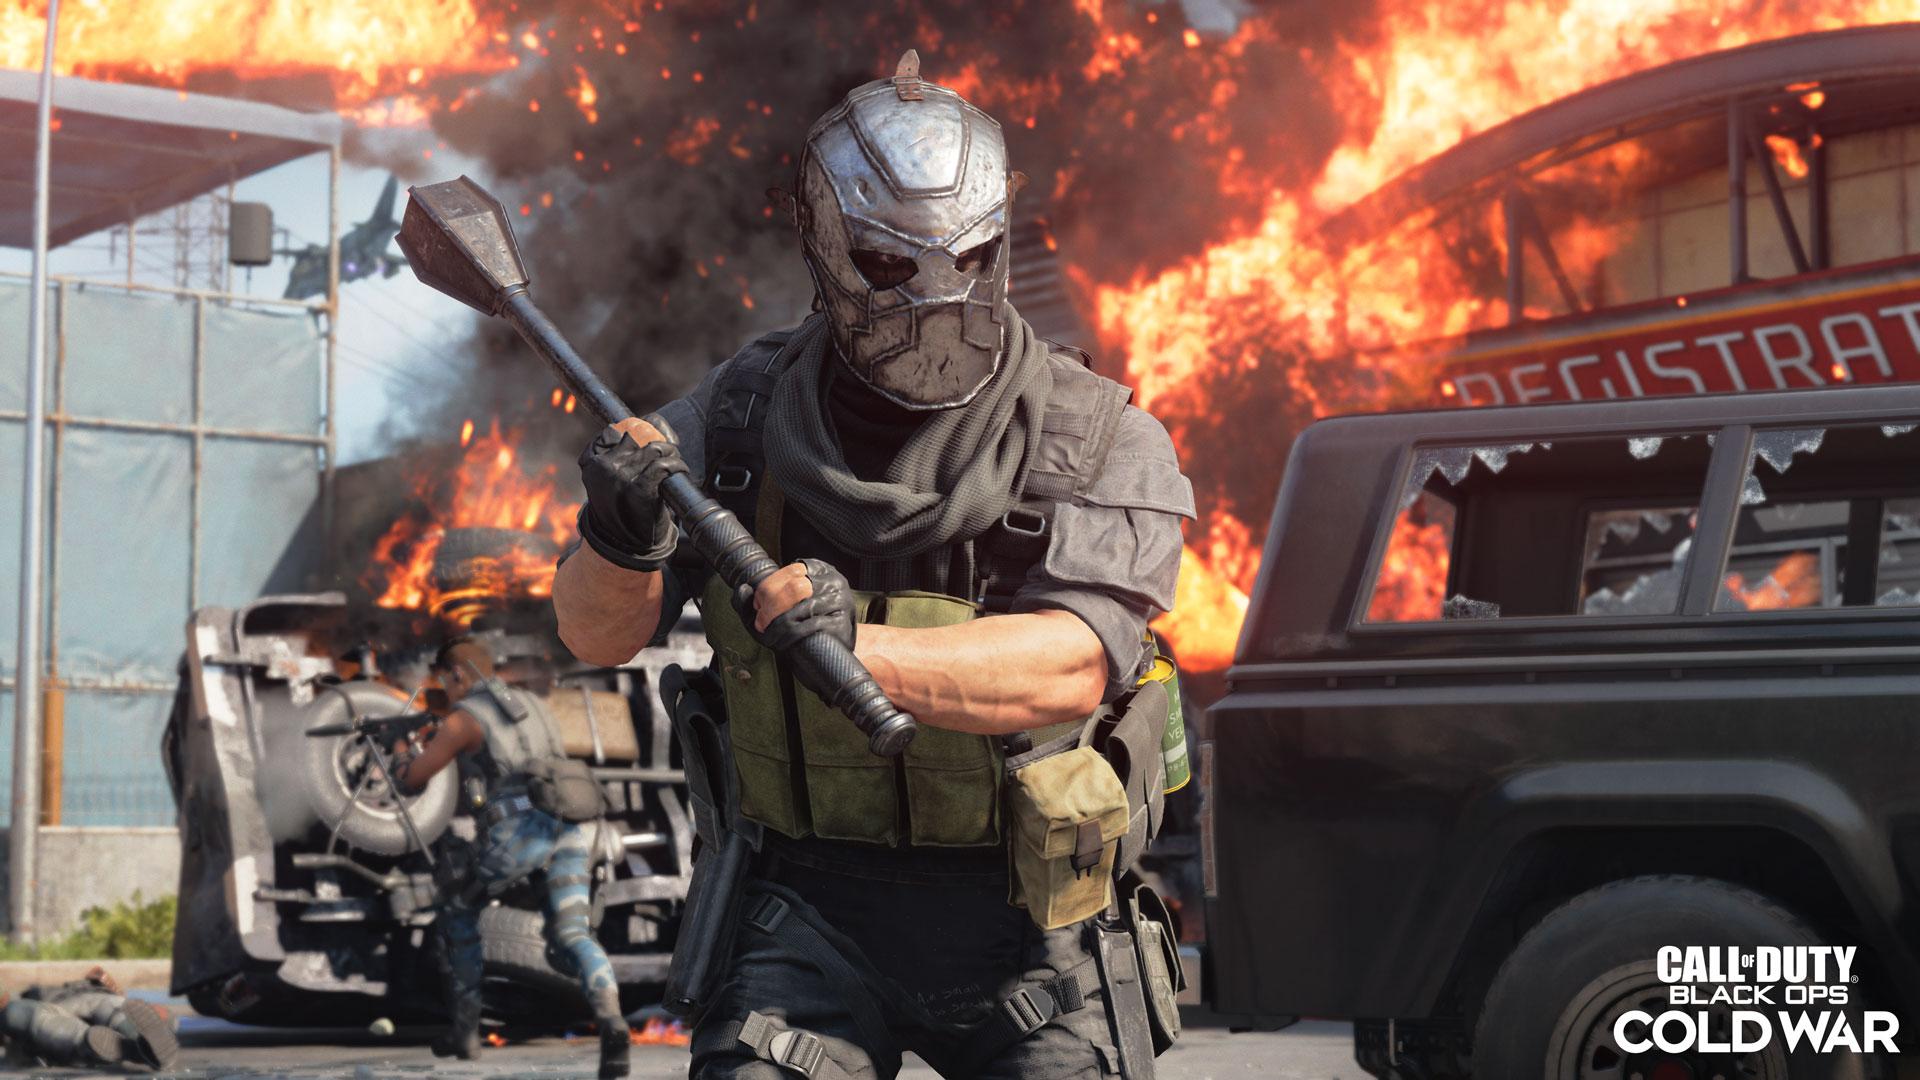 Brennende Autos hinter einem Mann mit einer Metallmaske